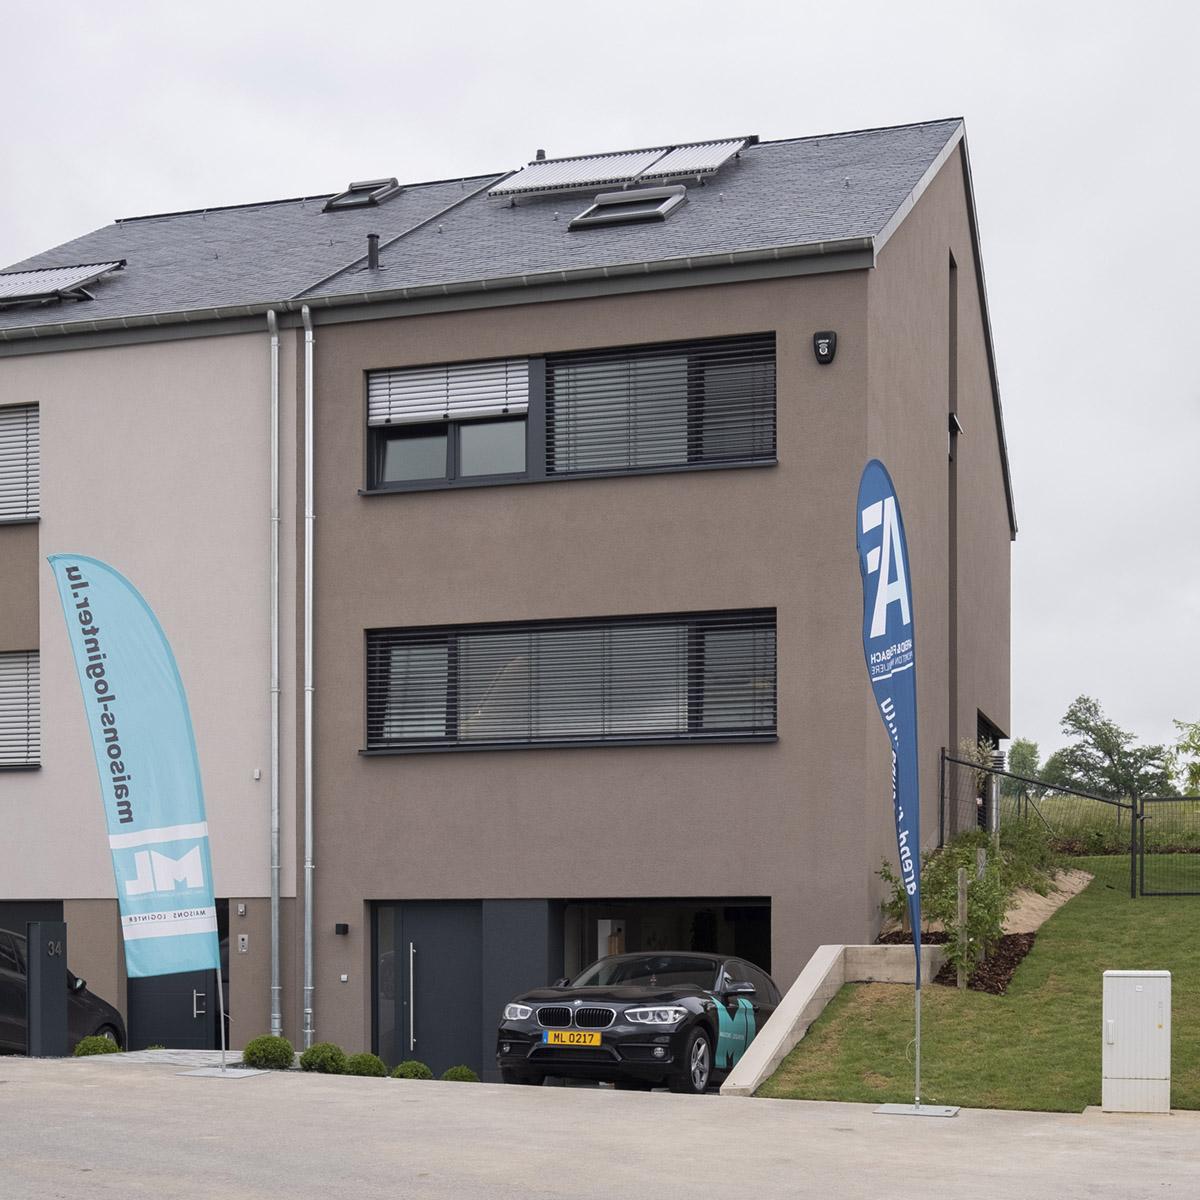 Maison Témoin, lot 42 à Hollenfels/Mersch